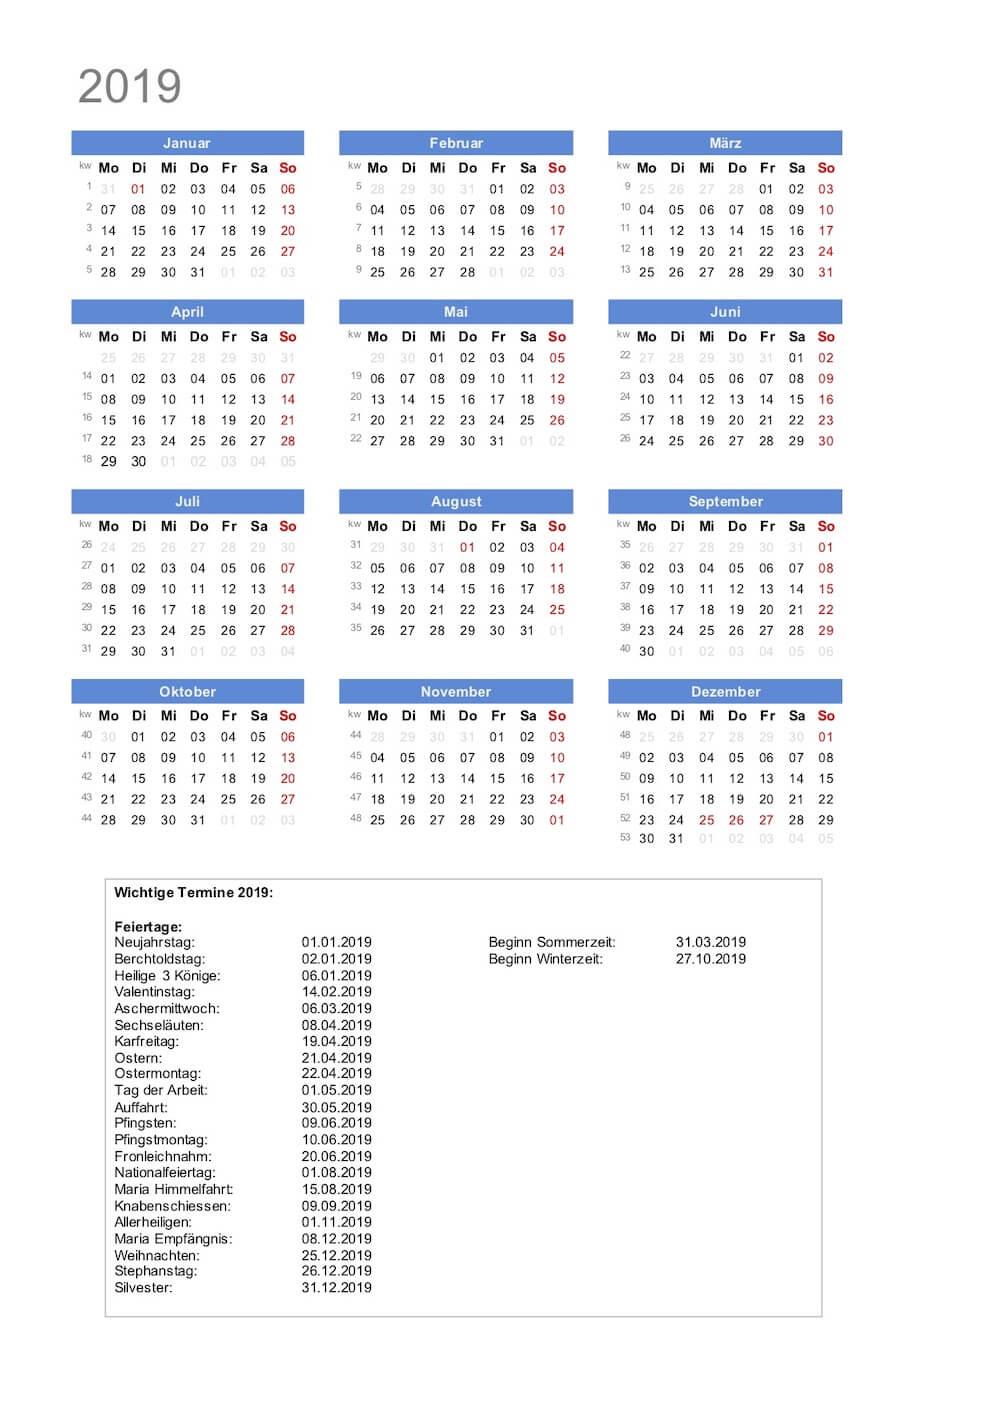 Kalender Weihnachten 2019.Kalender 2019 Schweiz Zum Ausdrucken Pdf Kostenloser Download